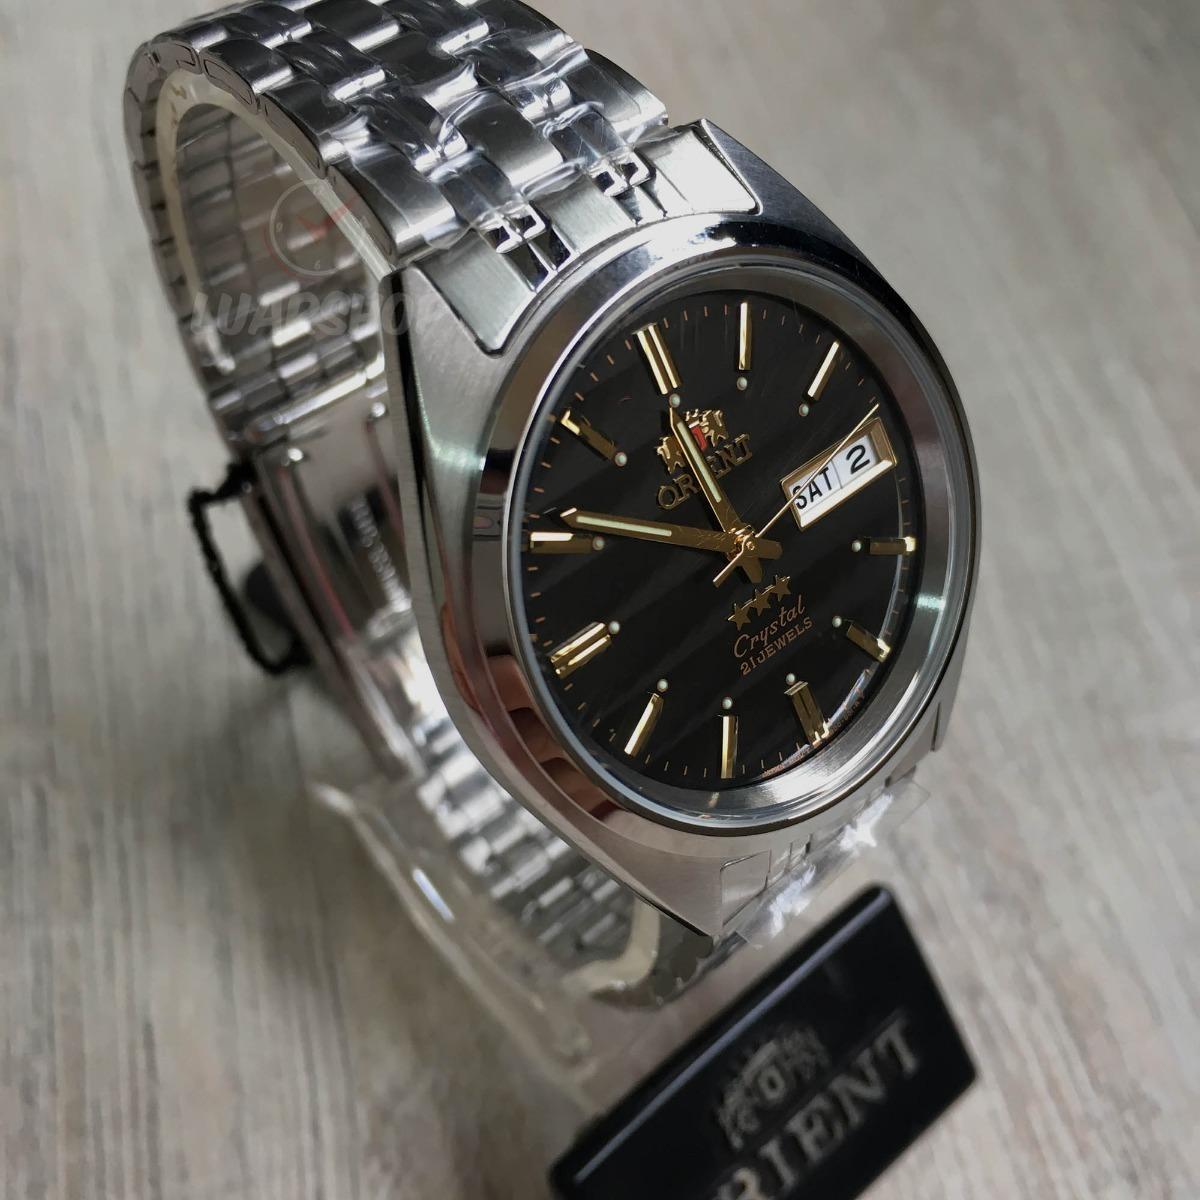 7dab49cc165 Relógio Orient Automatico Masculino Preto Listra Original - R  329 ...